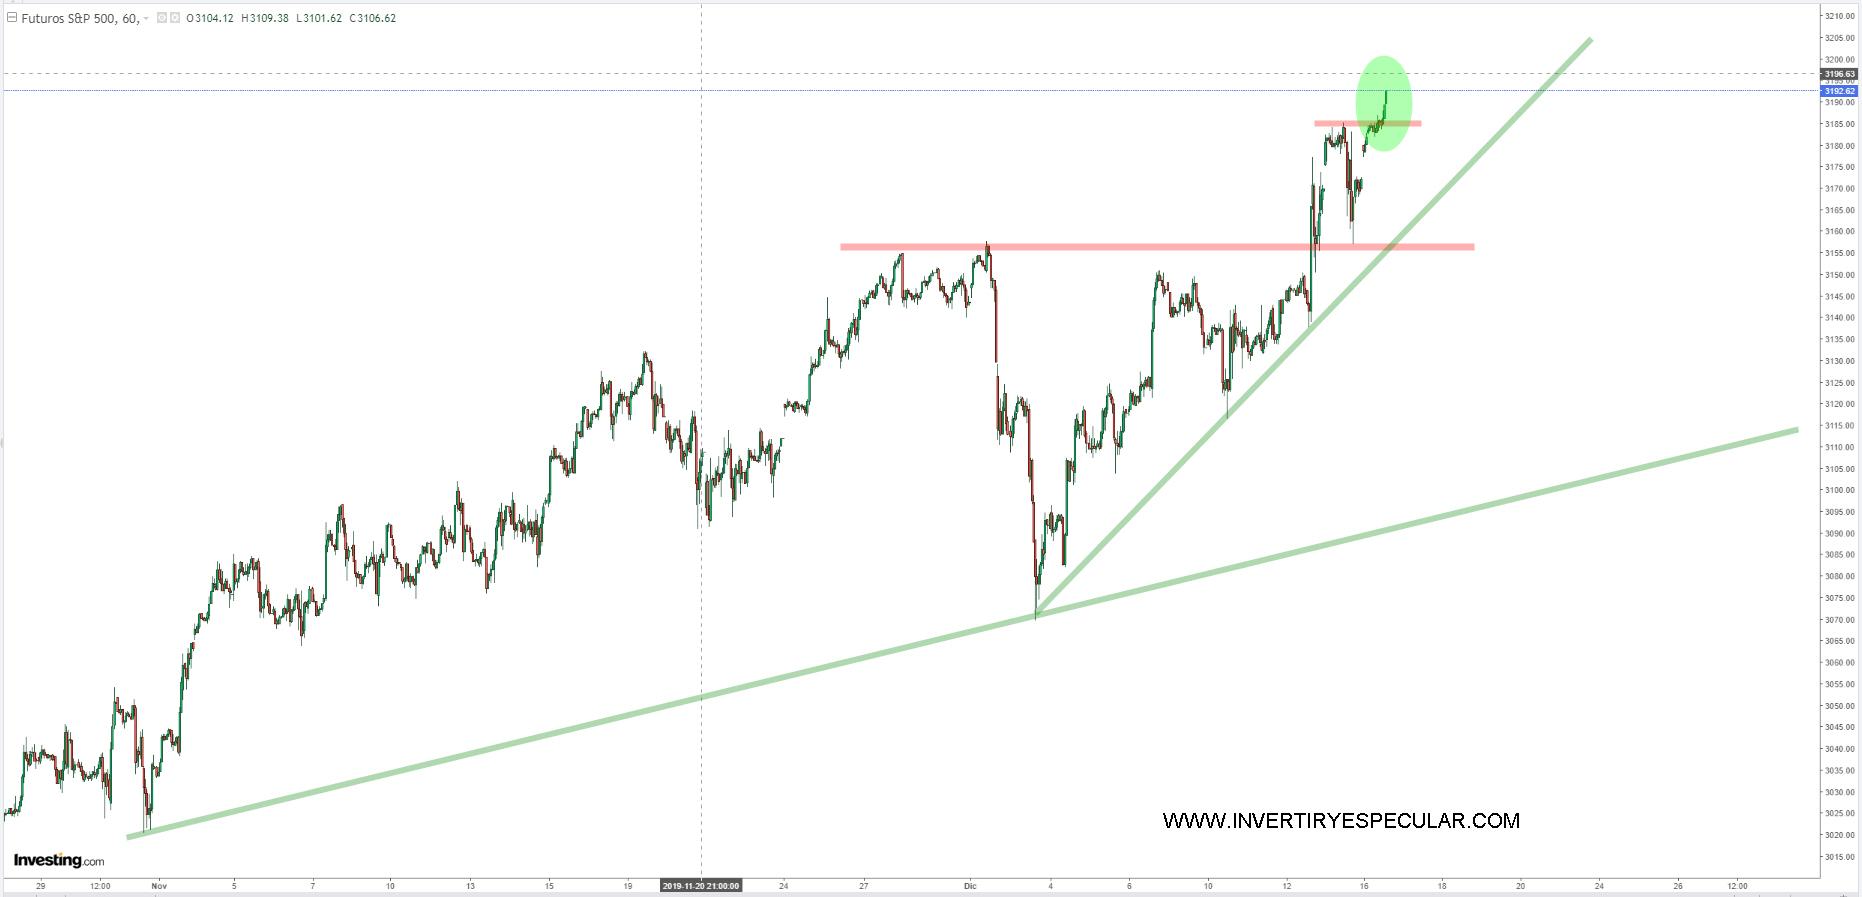 Suben y suben los activos en Wall Street